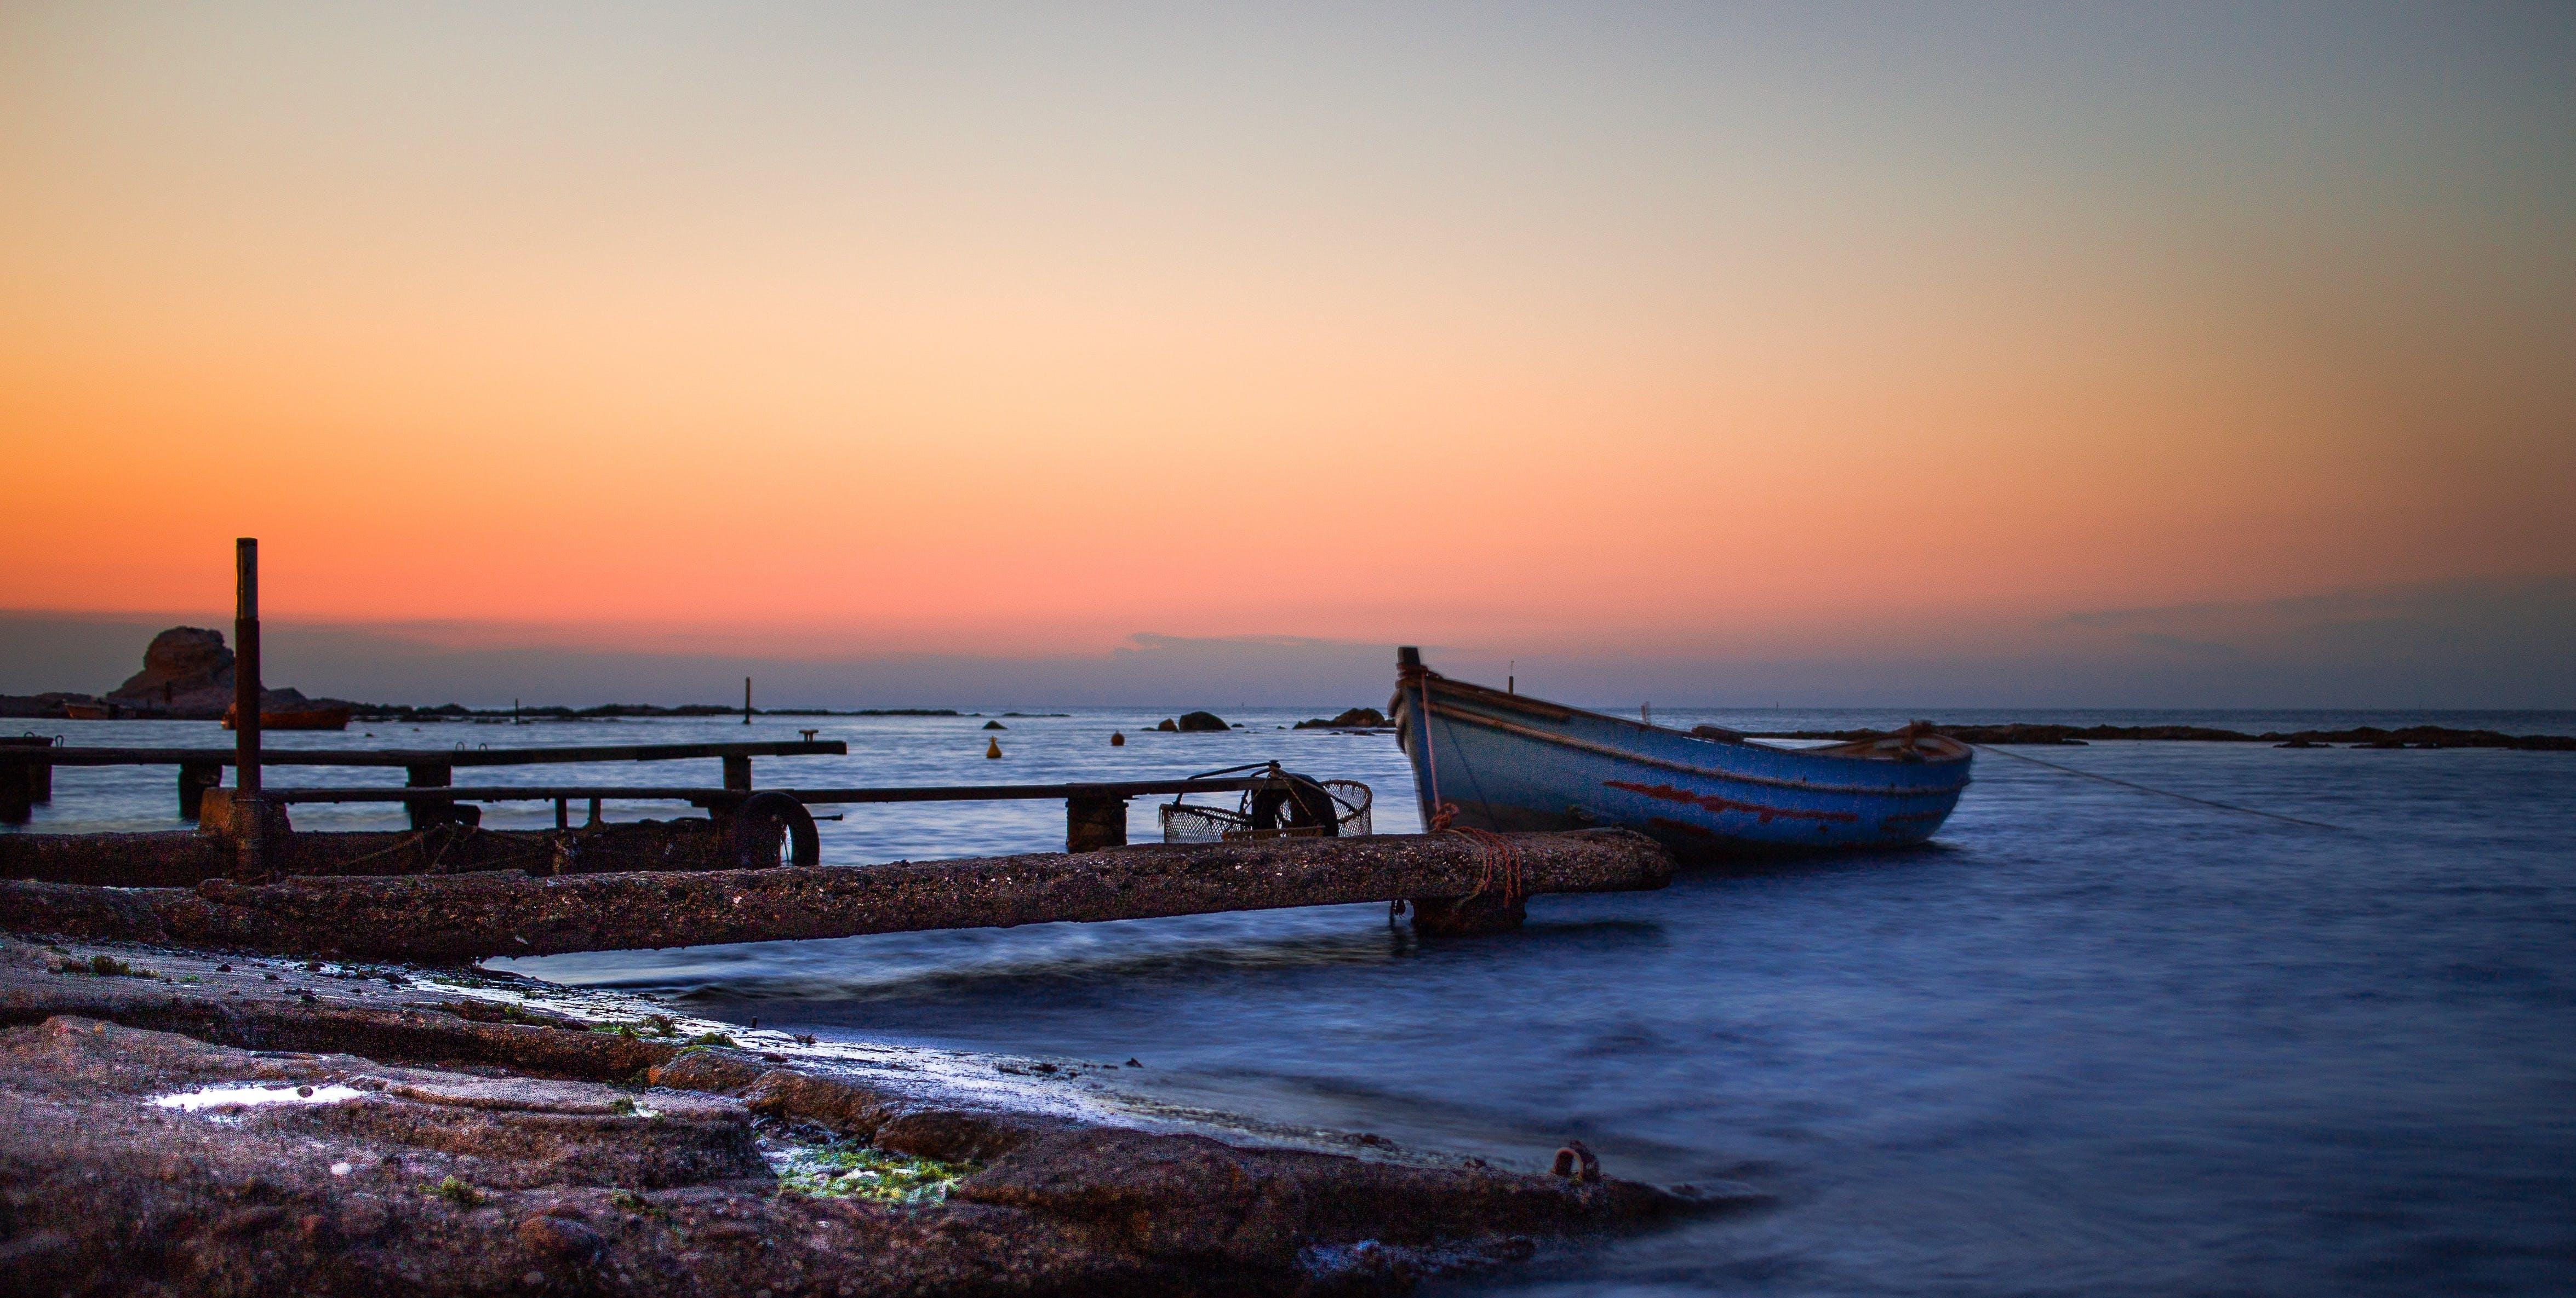 Free stock photo of ancon, boat, boats, calm sea